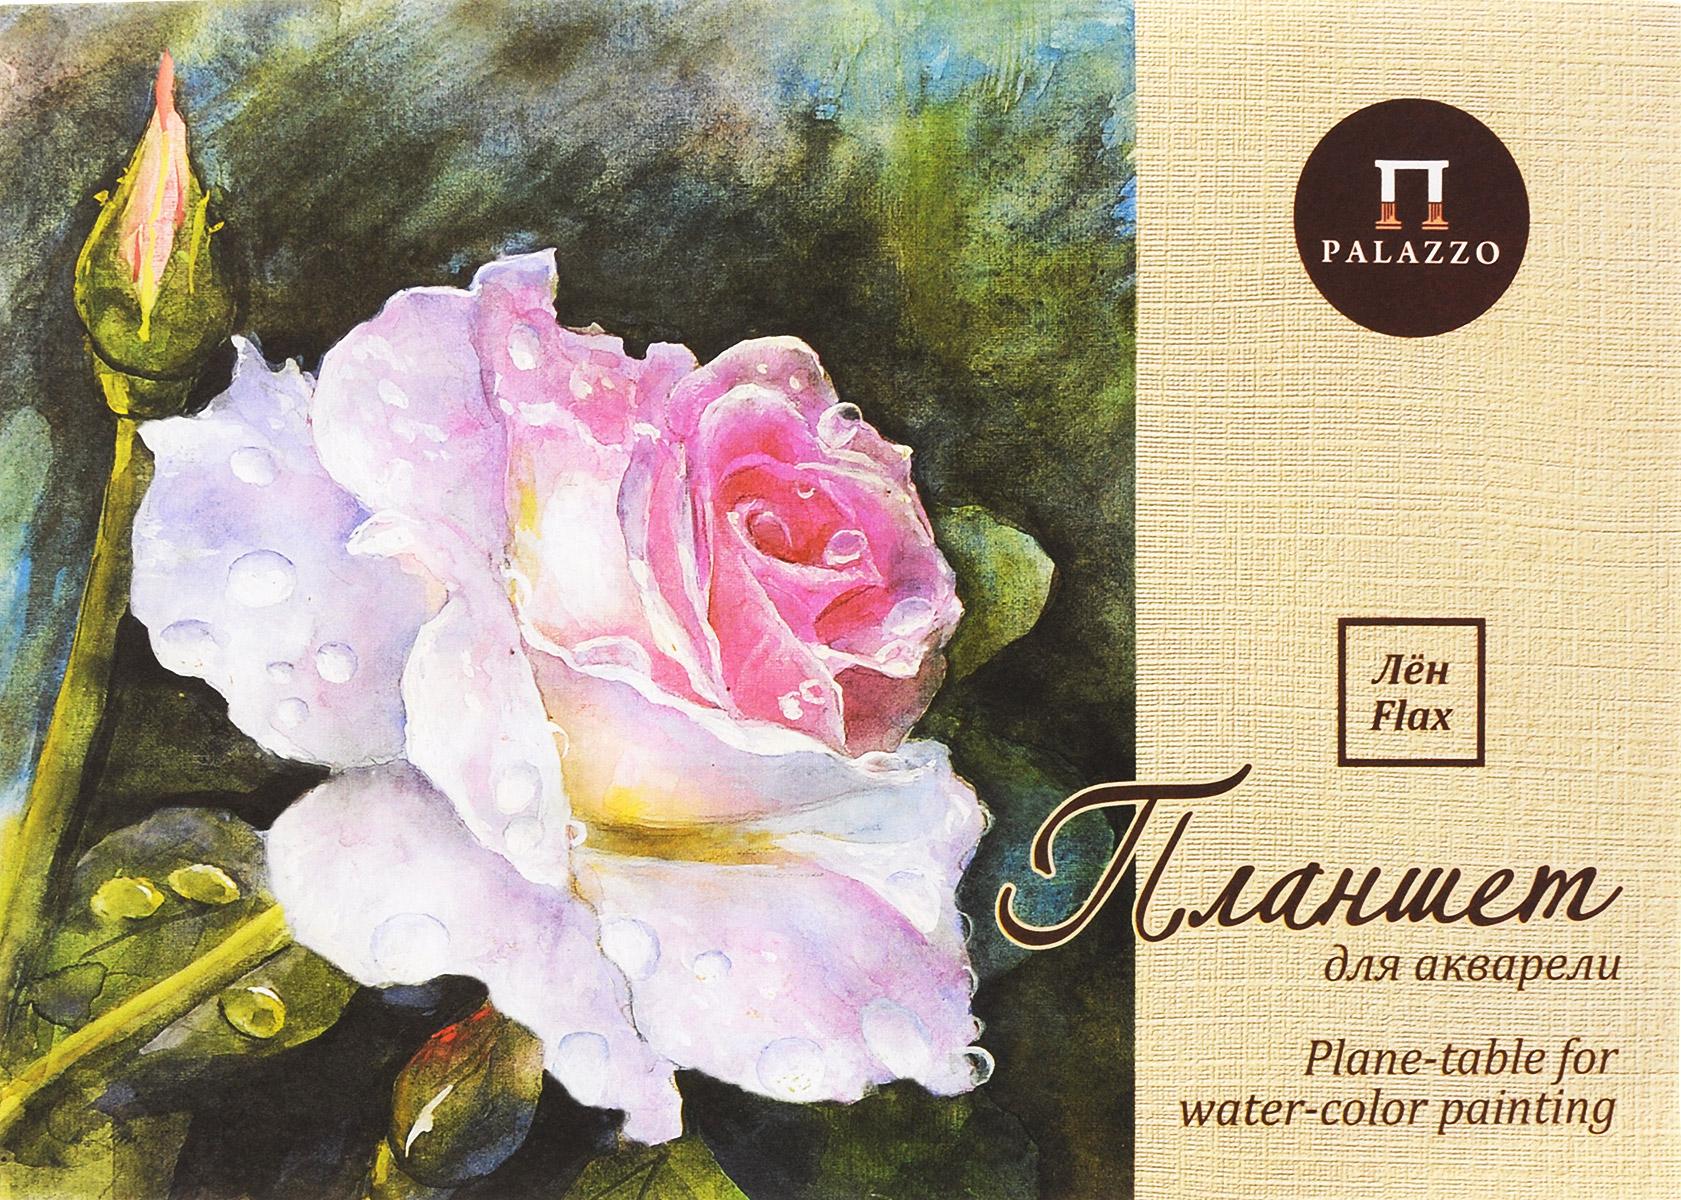 Palazzo Планшет для акварели Розовый сад 20 листов12А4В_14776Планшет для акварели Palazzo Розовый сад состоит из 20 листов бумаги картонной тисненой Лен палевый плотностью 200 г/м2.Бумага предназначена для акварели и гуаши, подойдет также для рисования карандашами (чернографитными или цветными), различными мягкими художественными материалами, пастелью, чернилами. Листы внутреннего блока проклеены по корешку. Основание альбома выполнено из жесткого картона для удобства рисования.